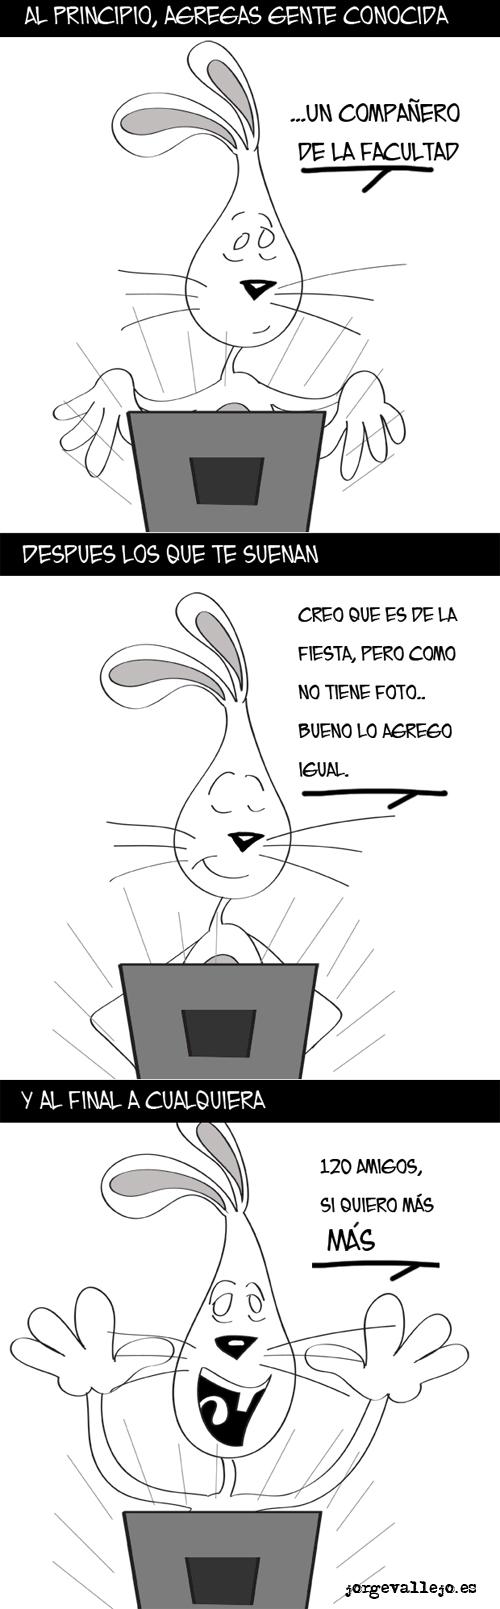 fases facebook conejosos creado por jorge vallejo